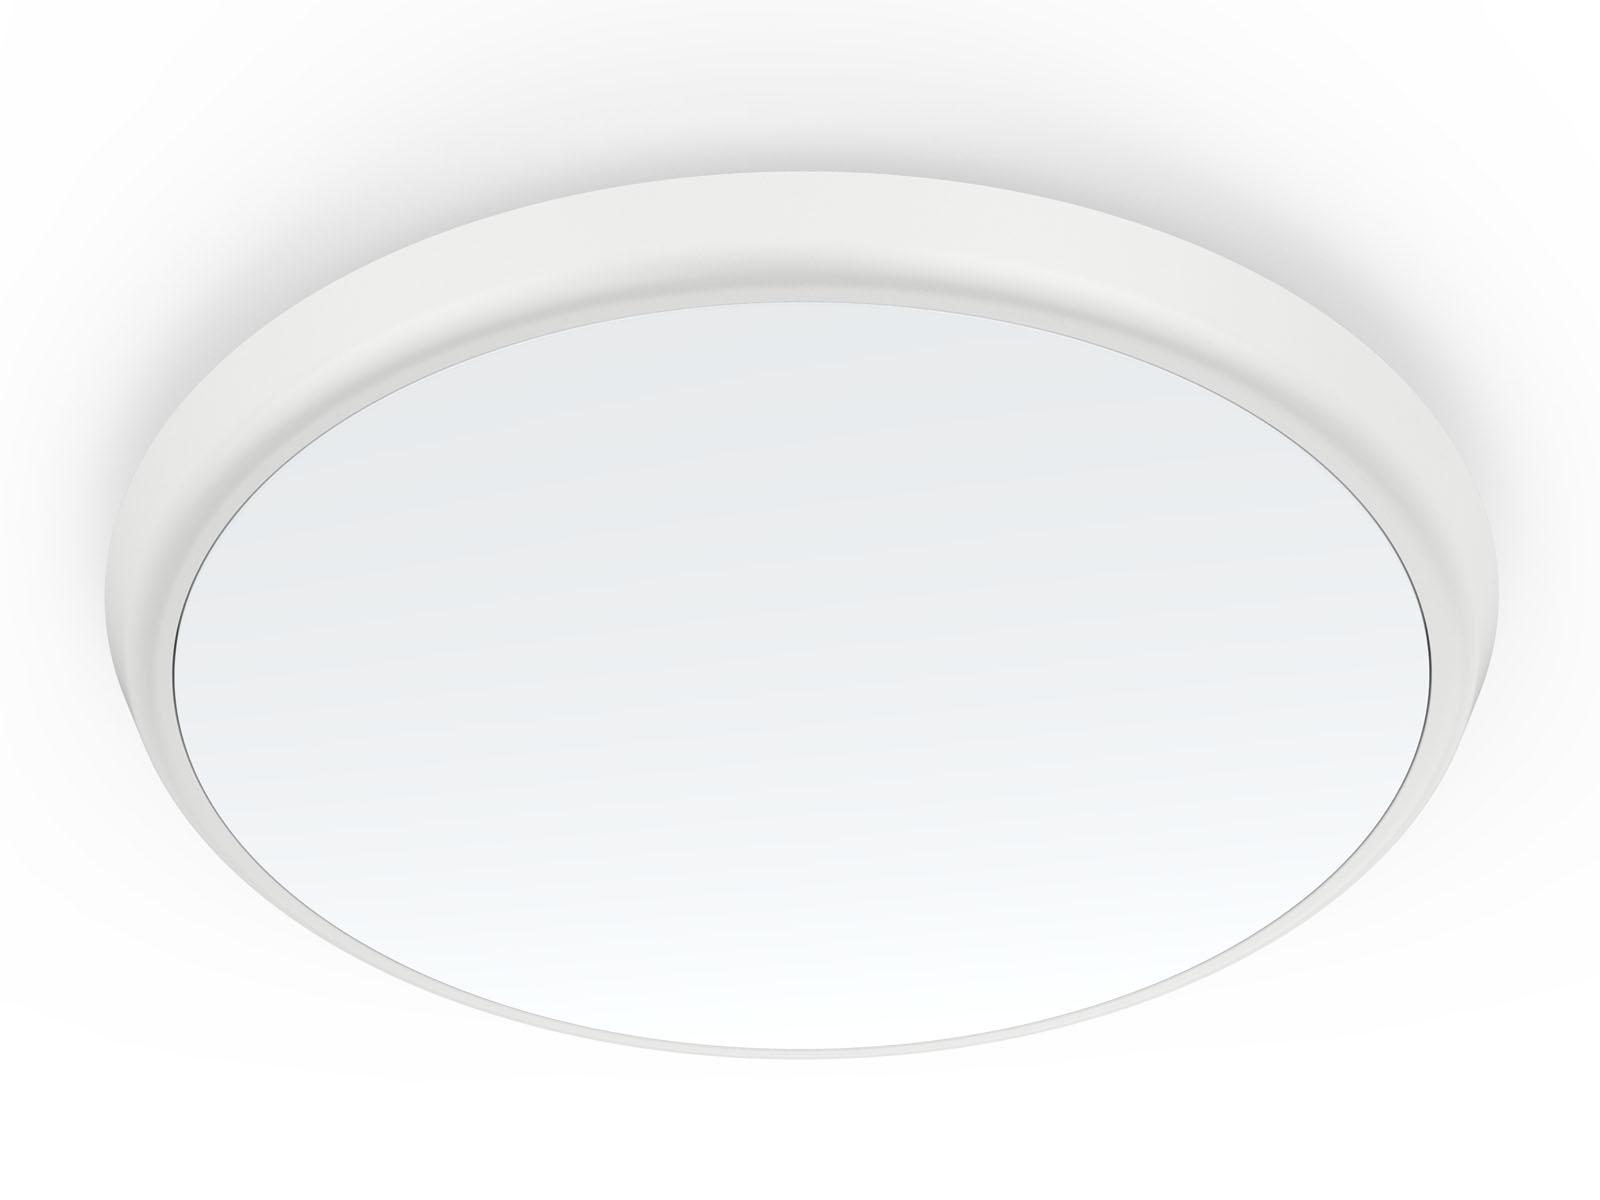 Ip54 waterproof bathroom ceiling light fixtures - Waterproof bathroom ceiling lights ...